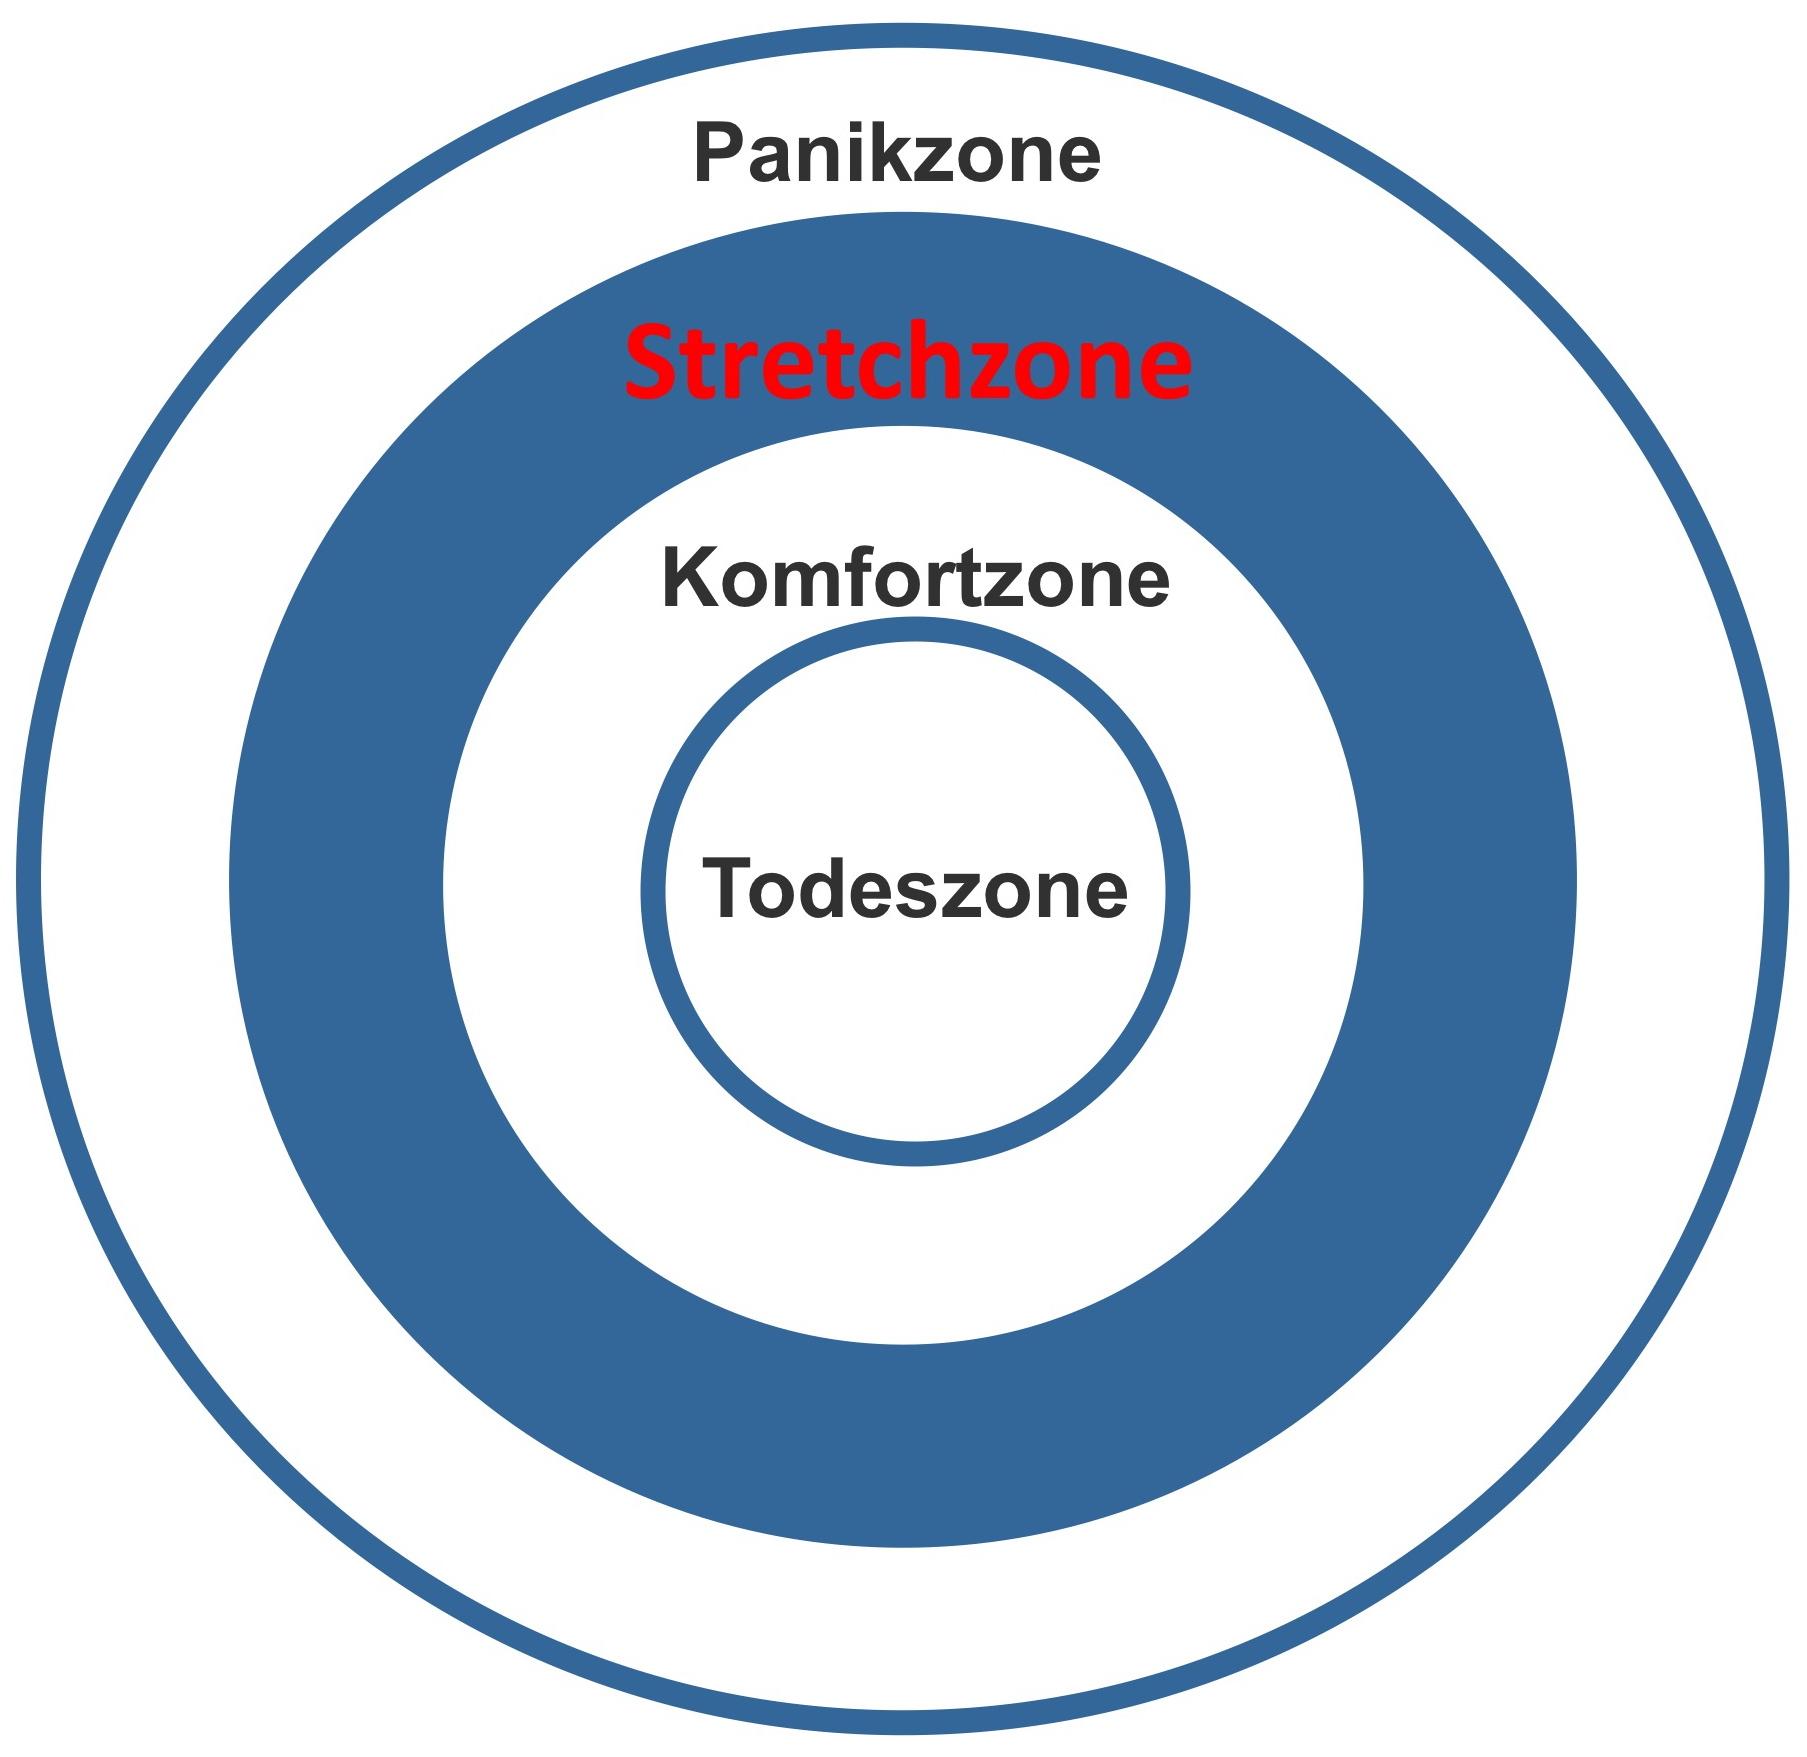 4 Zonen Modell - Komfortzone, Stretchjzone, Todeszone, Panikzone - Blog Kmenta